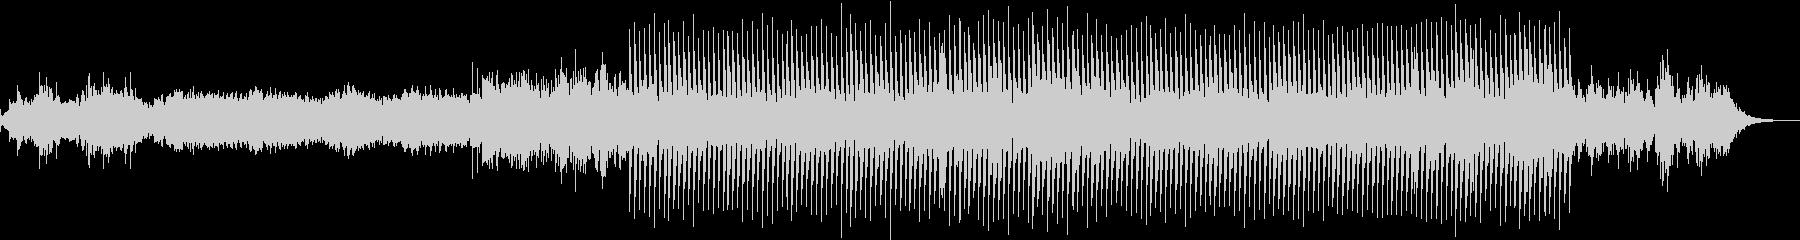 切ないピアノループが印象的なエレクトロの未再生の波形